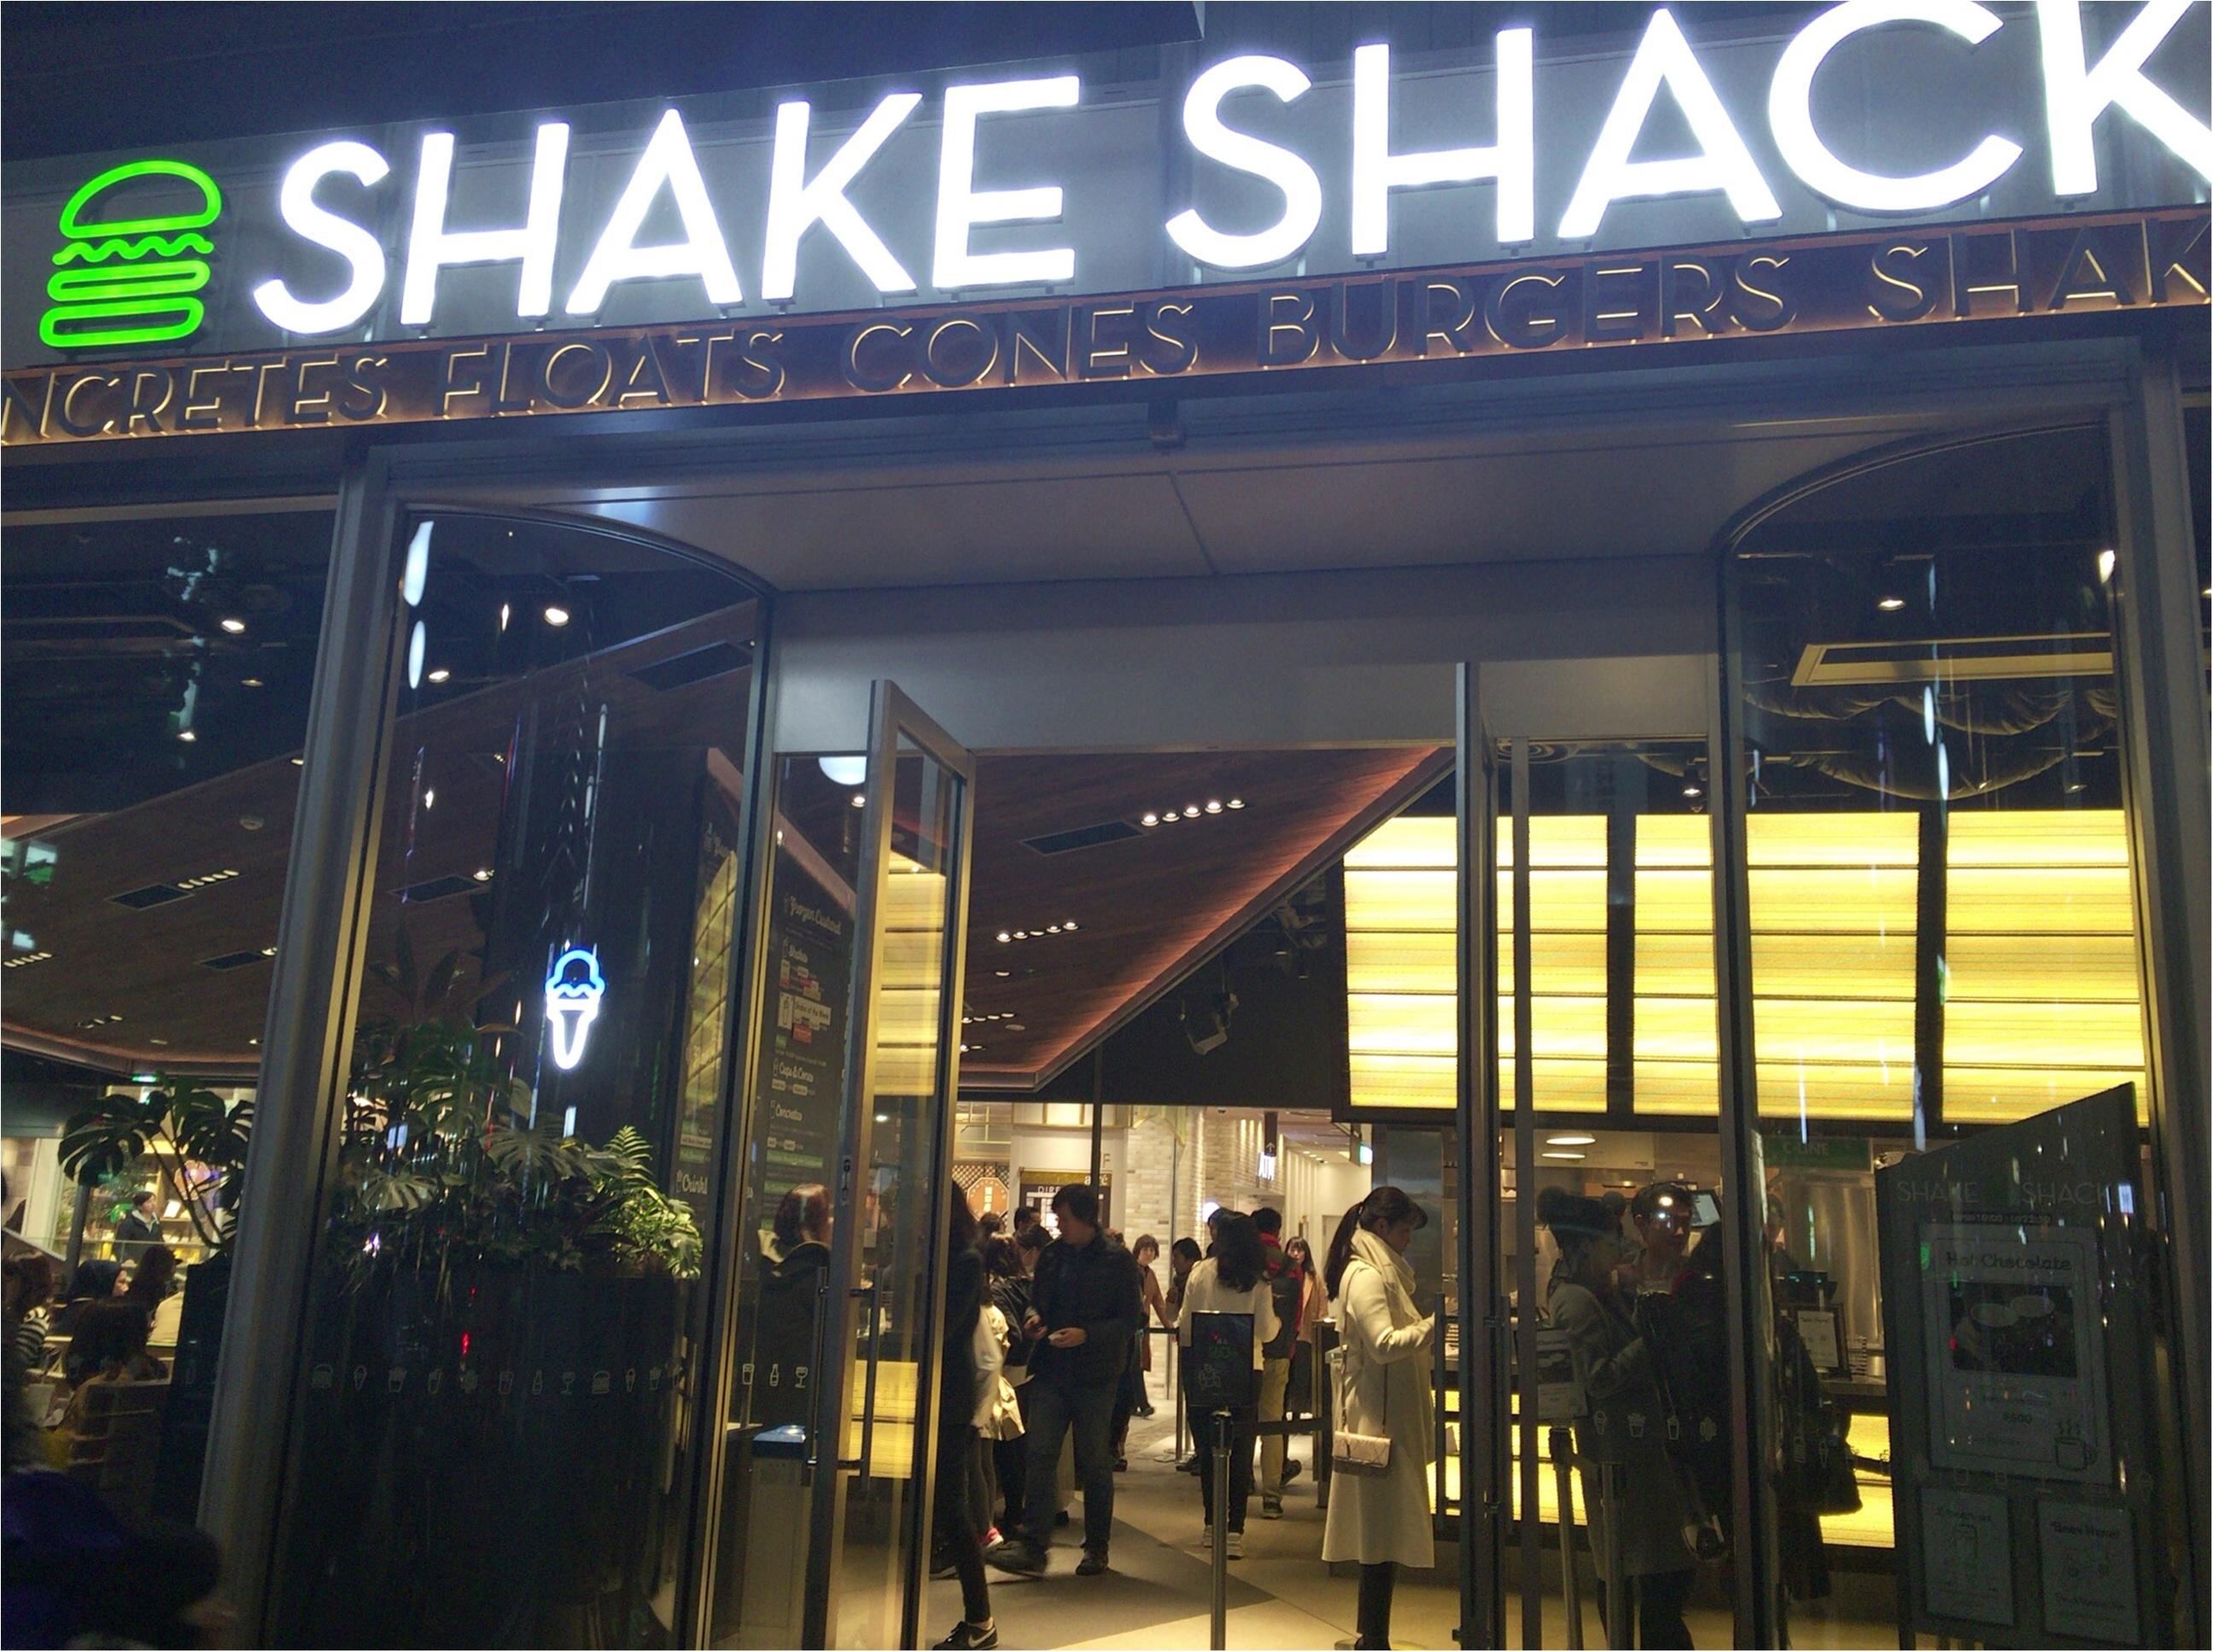 NY発バーガースタンド「Shake Shack」パティの肉感がスゴイ!!✨しかもホルモン剤を使っていない100%オールナチュラルのアンガスビーフ使用しているんです♩≪samenyan≫_1